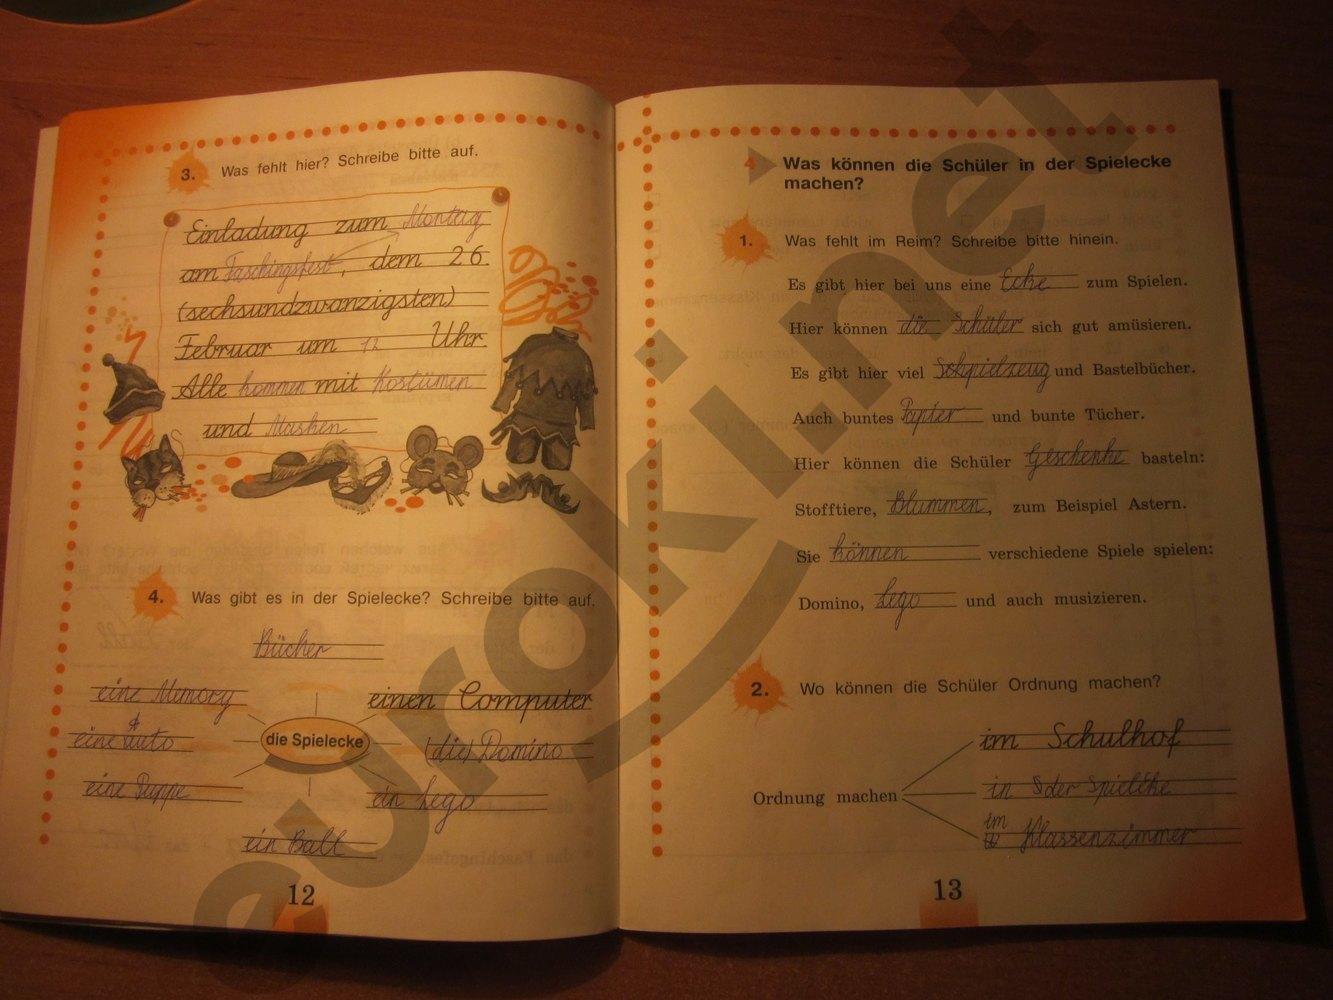 Гдз по немецкому язык 3 класс бим 2 часть рабочая тетрадь решебник